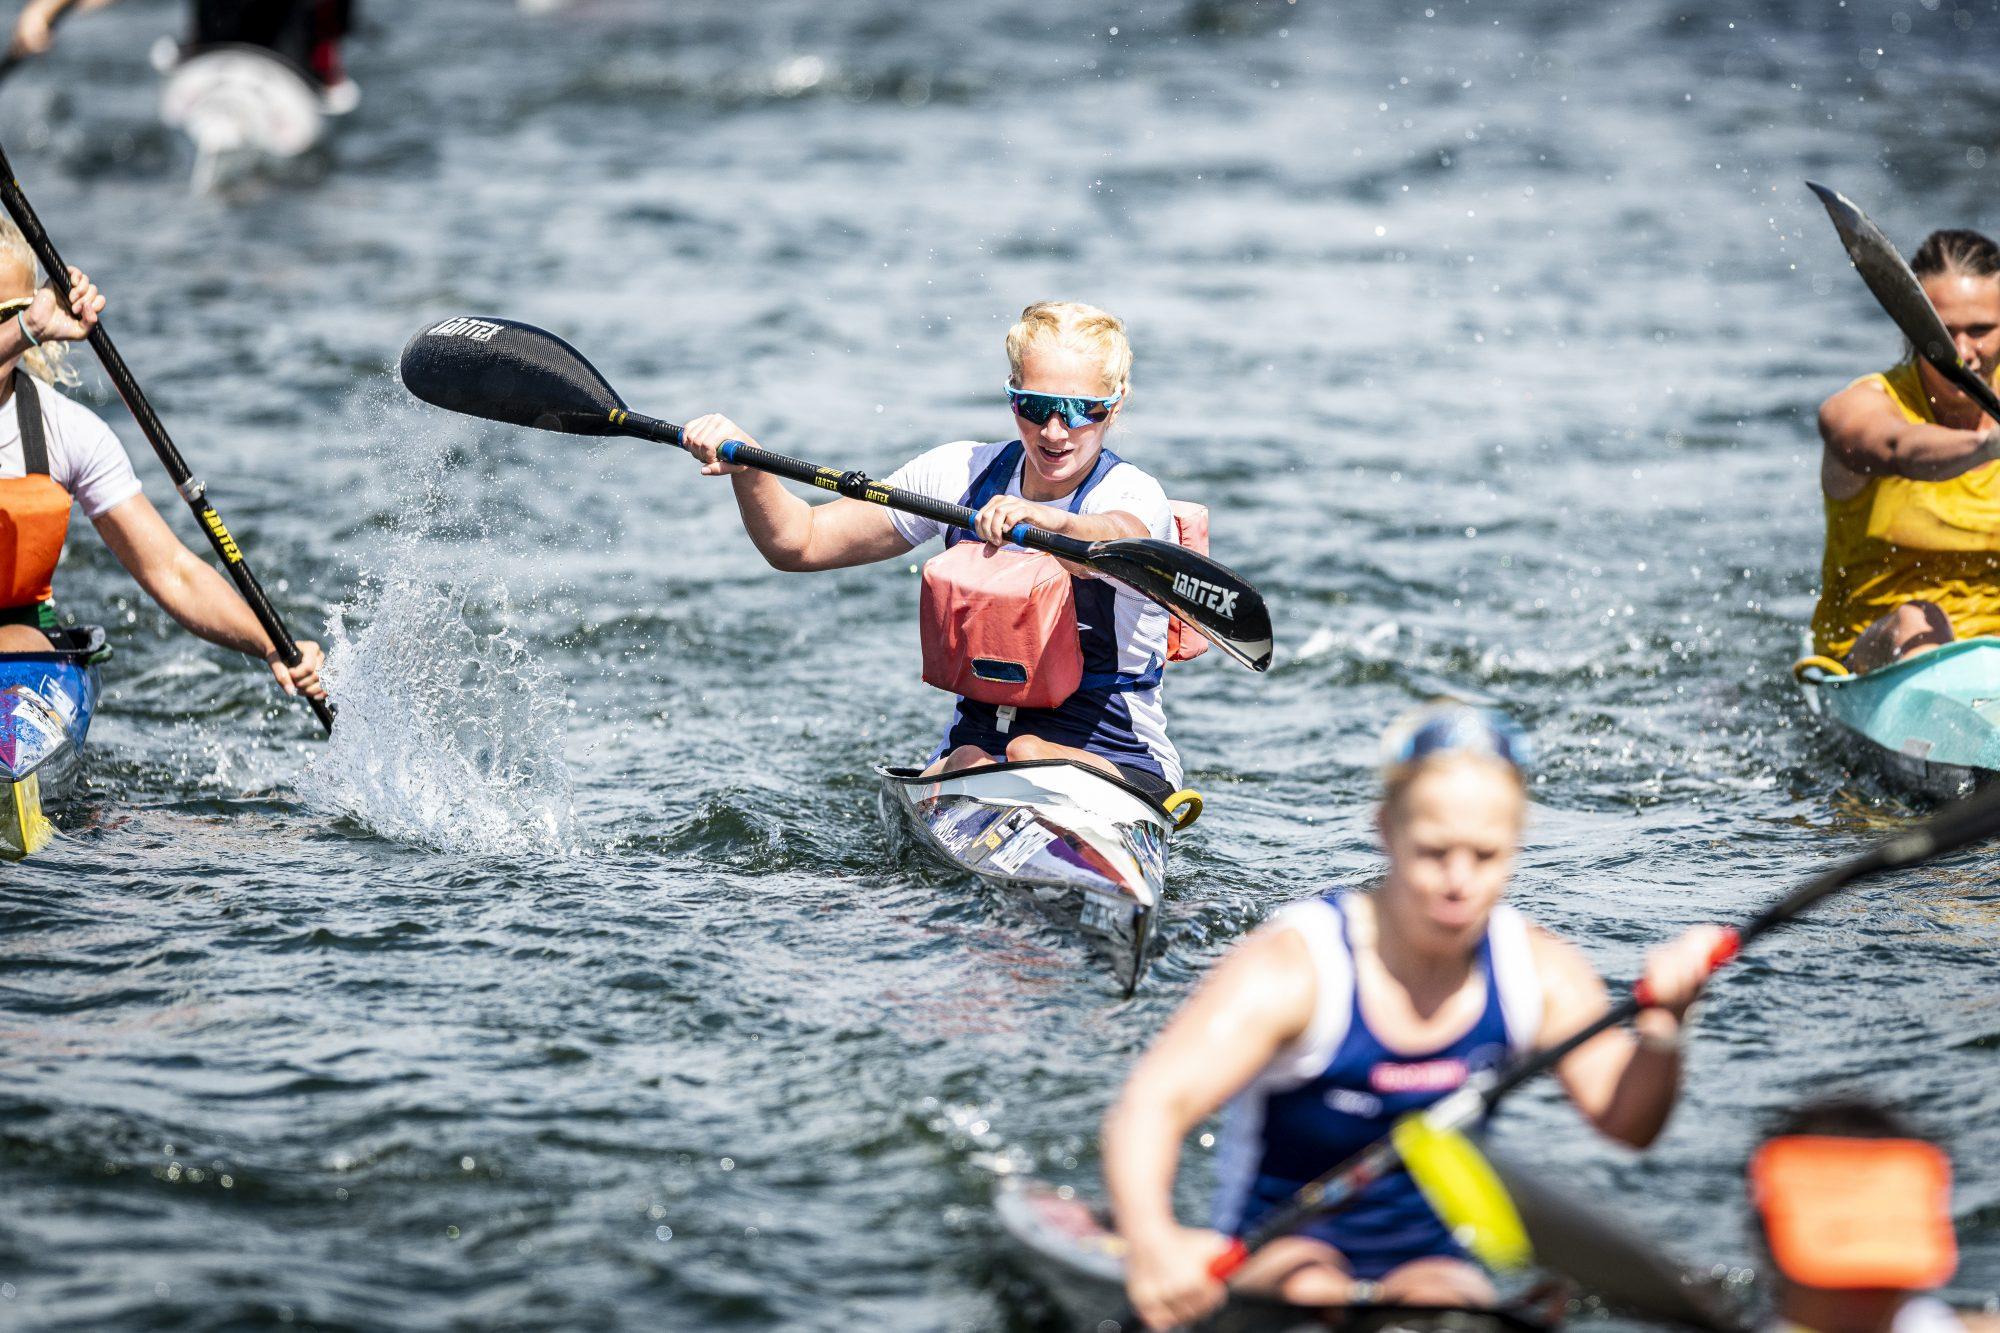 Thea Sander (mitten) tävlar i kanot under dag 6 av SM-veckan den 1 juli 2019 i Malmö.